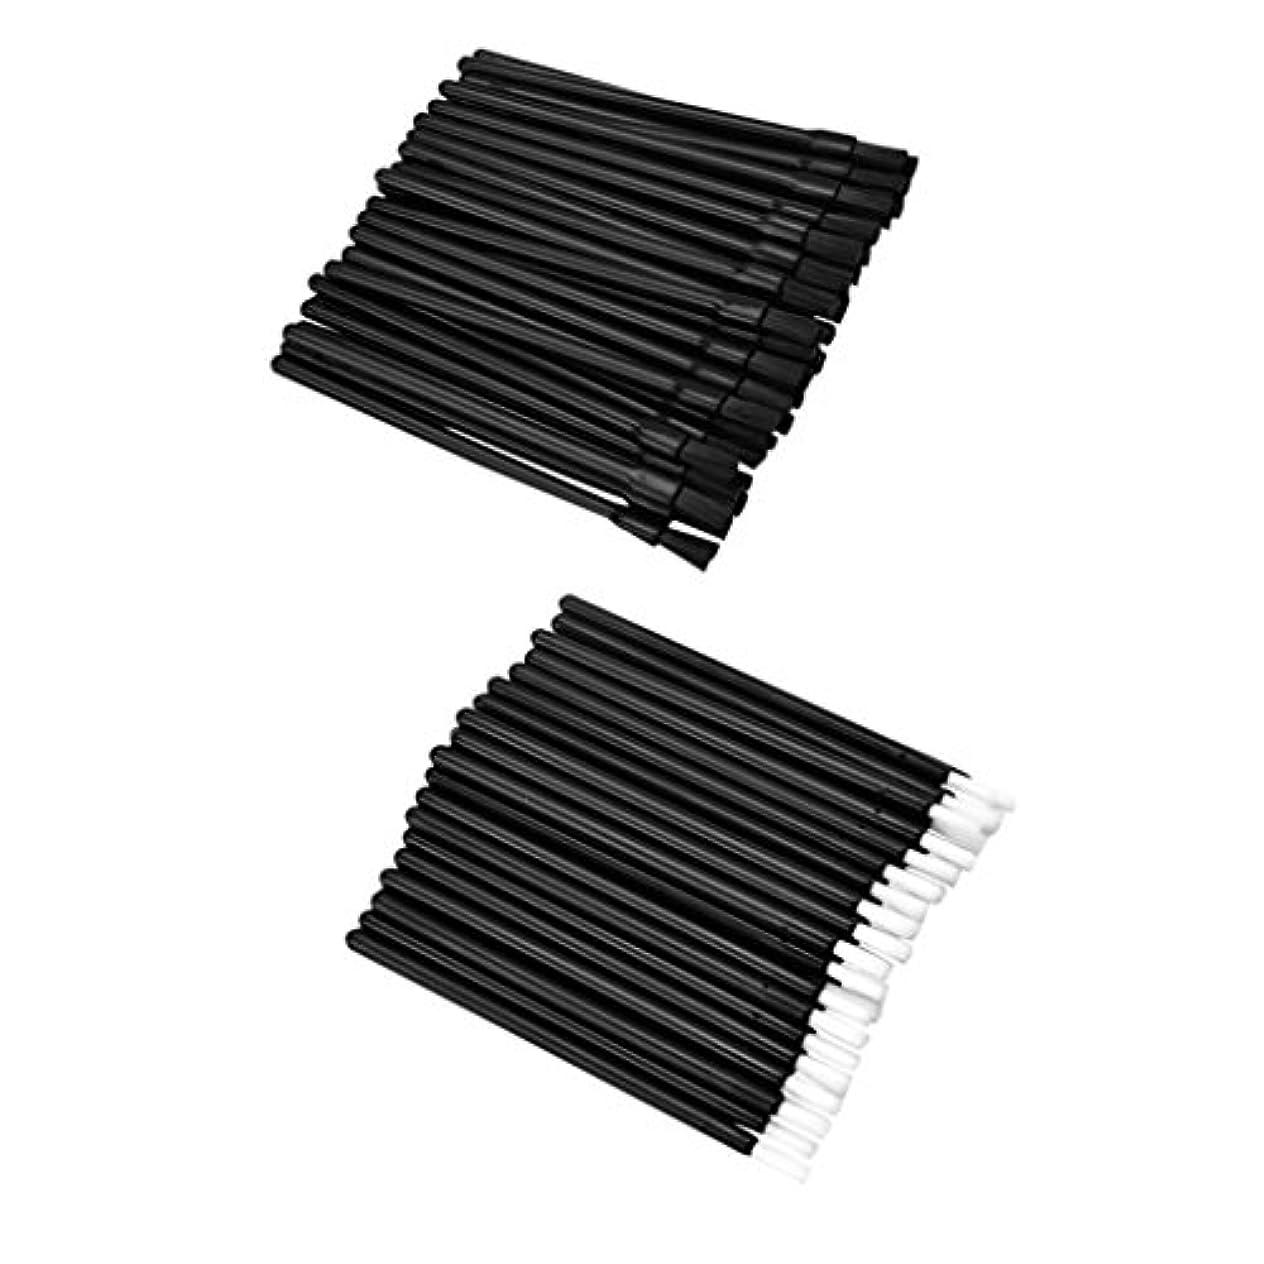 にじみ出る毎日適応Fenteer 約100個 リップブラシ ロット 使い捨て 繊維 リップ メイクブラシ リップ ブラシ